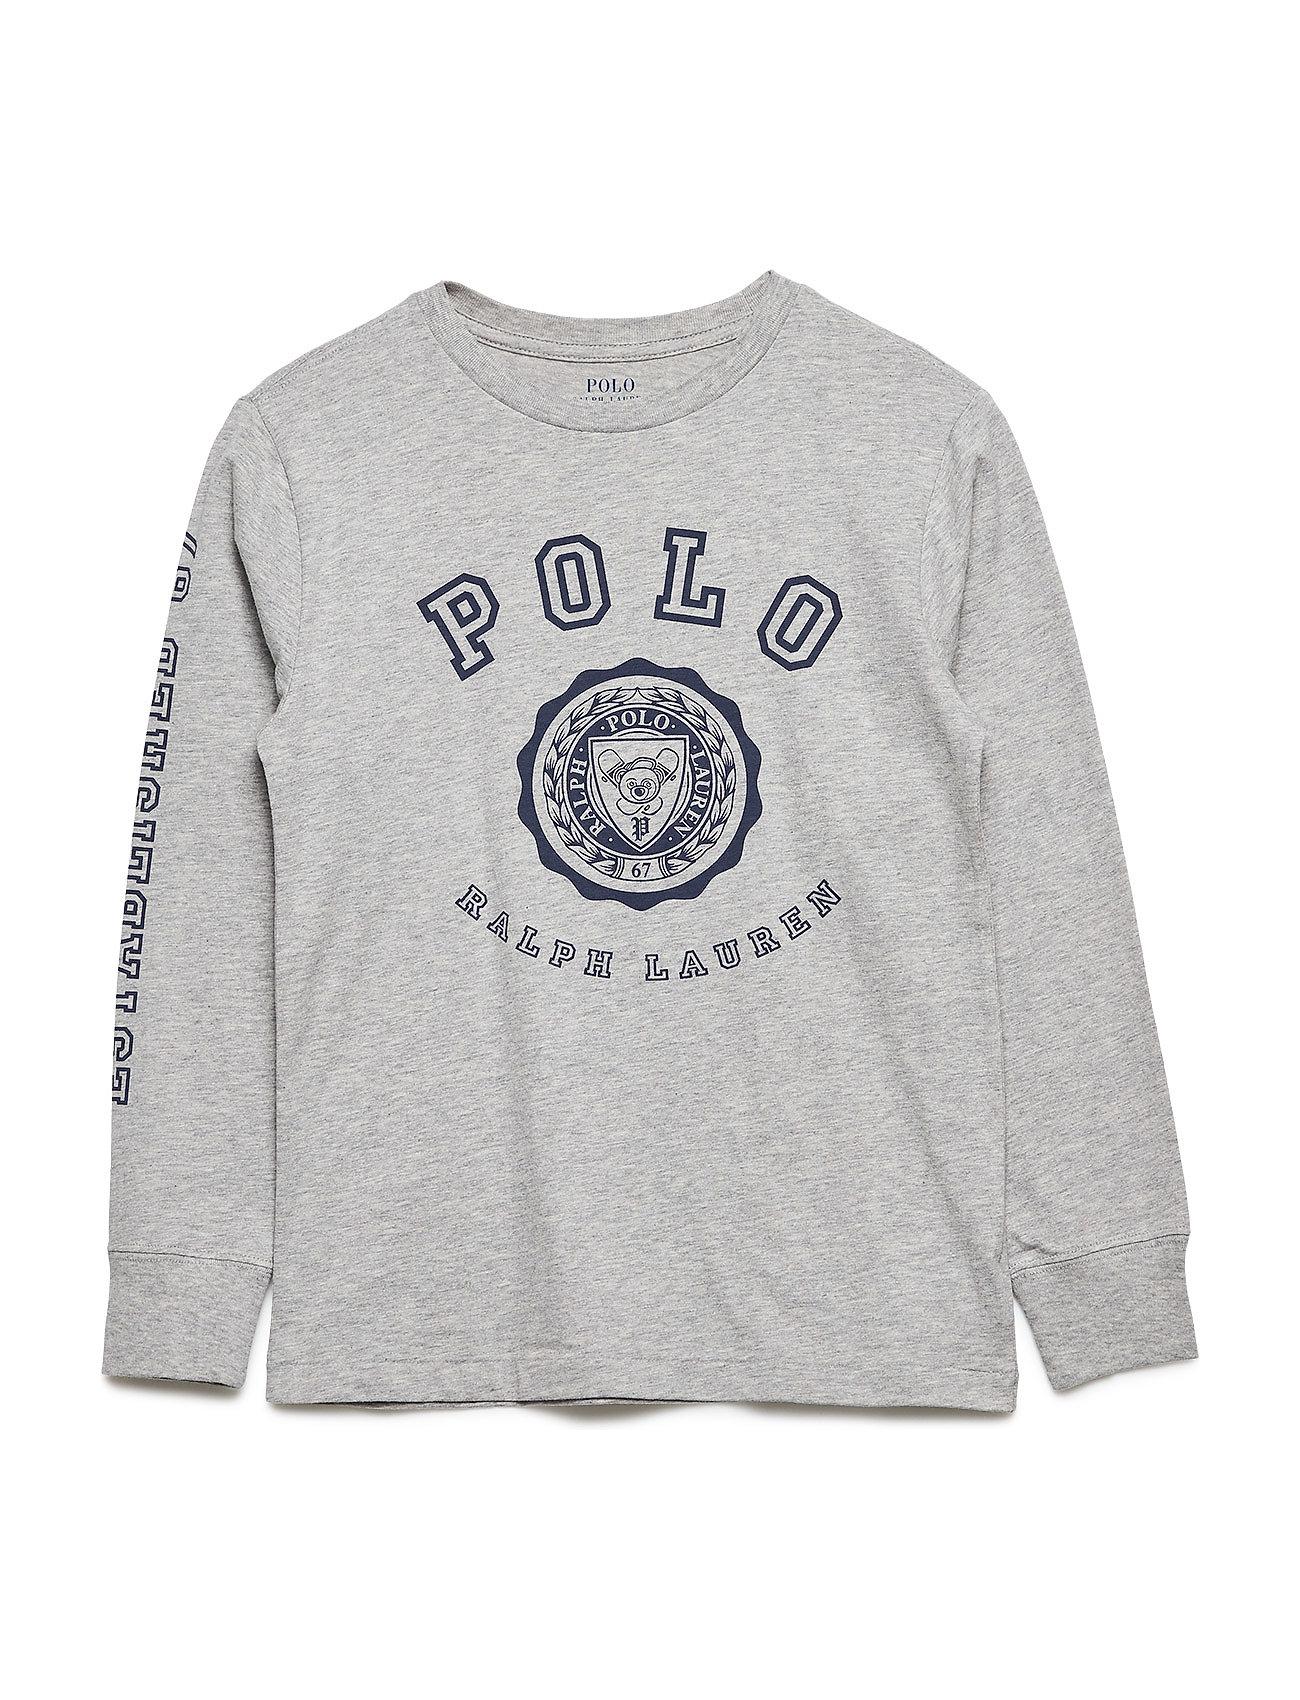 Ralph Lauren Kids Cotton Jersey Graphic T-Shirt